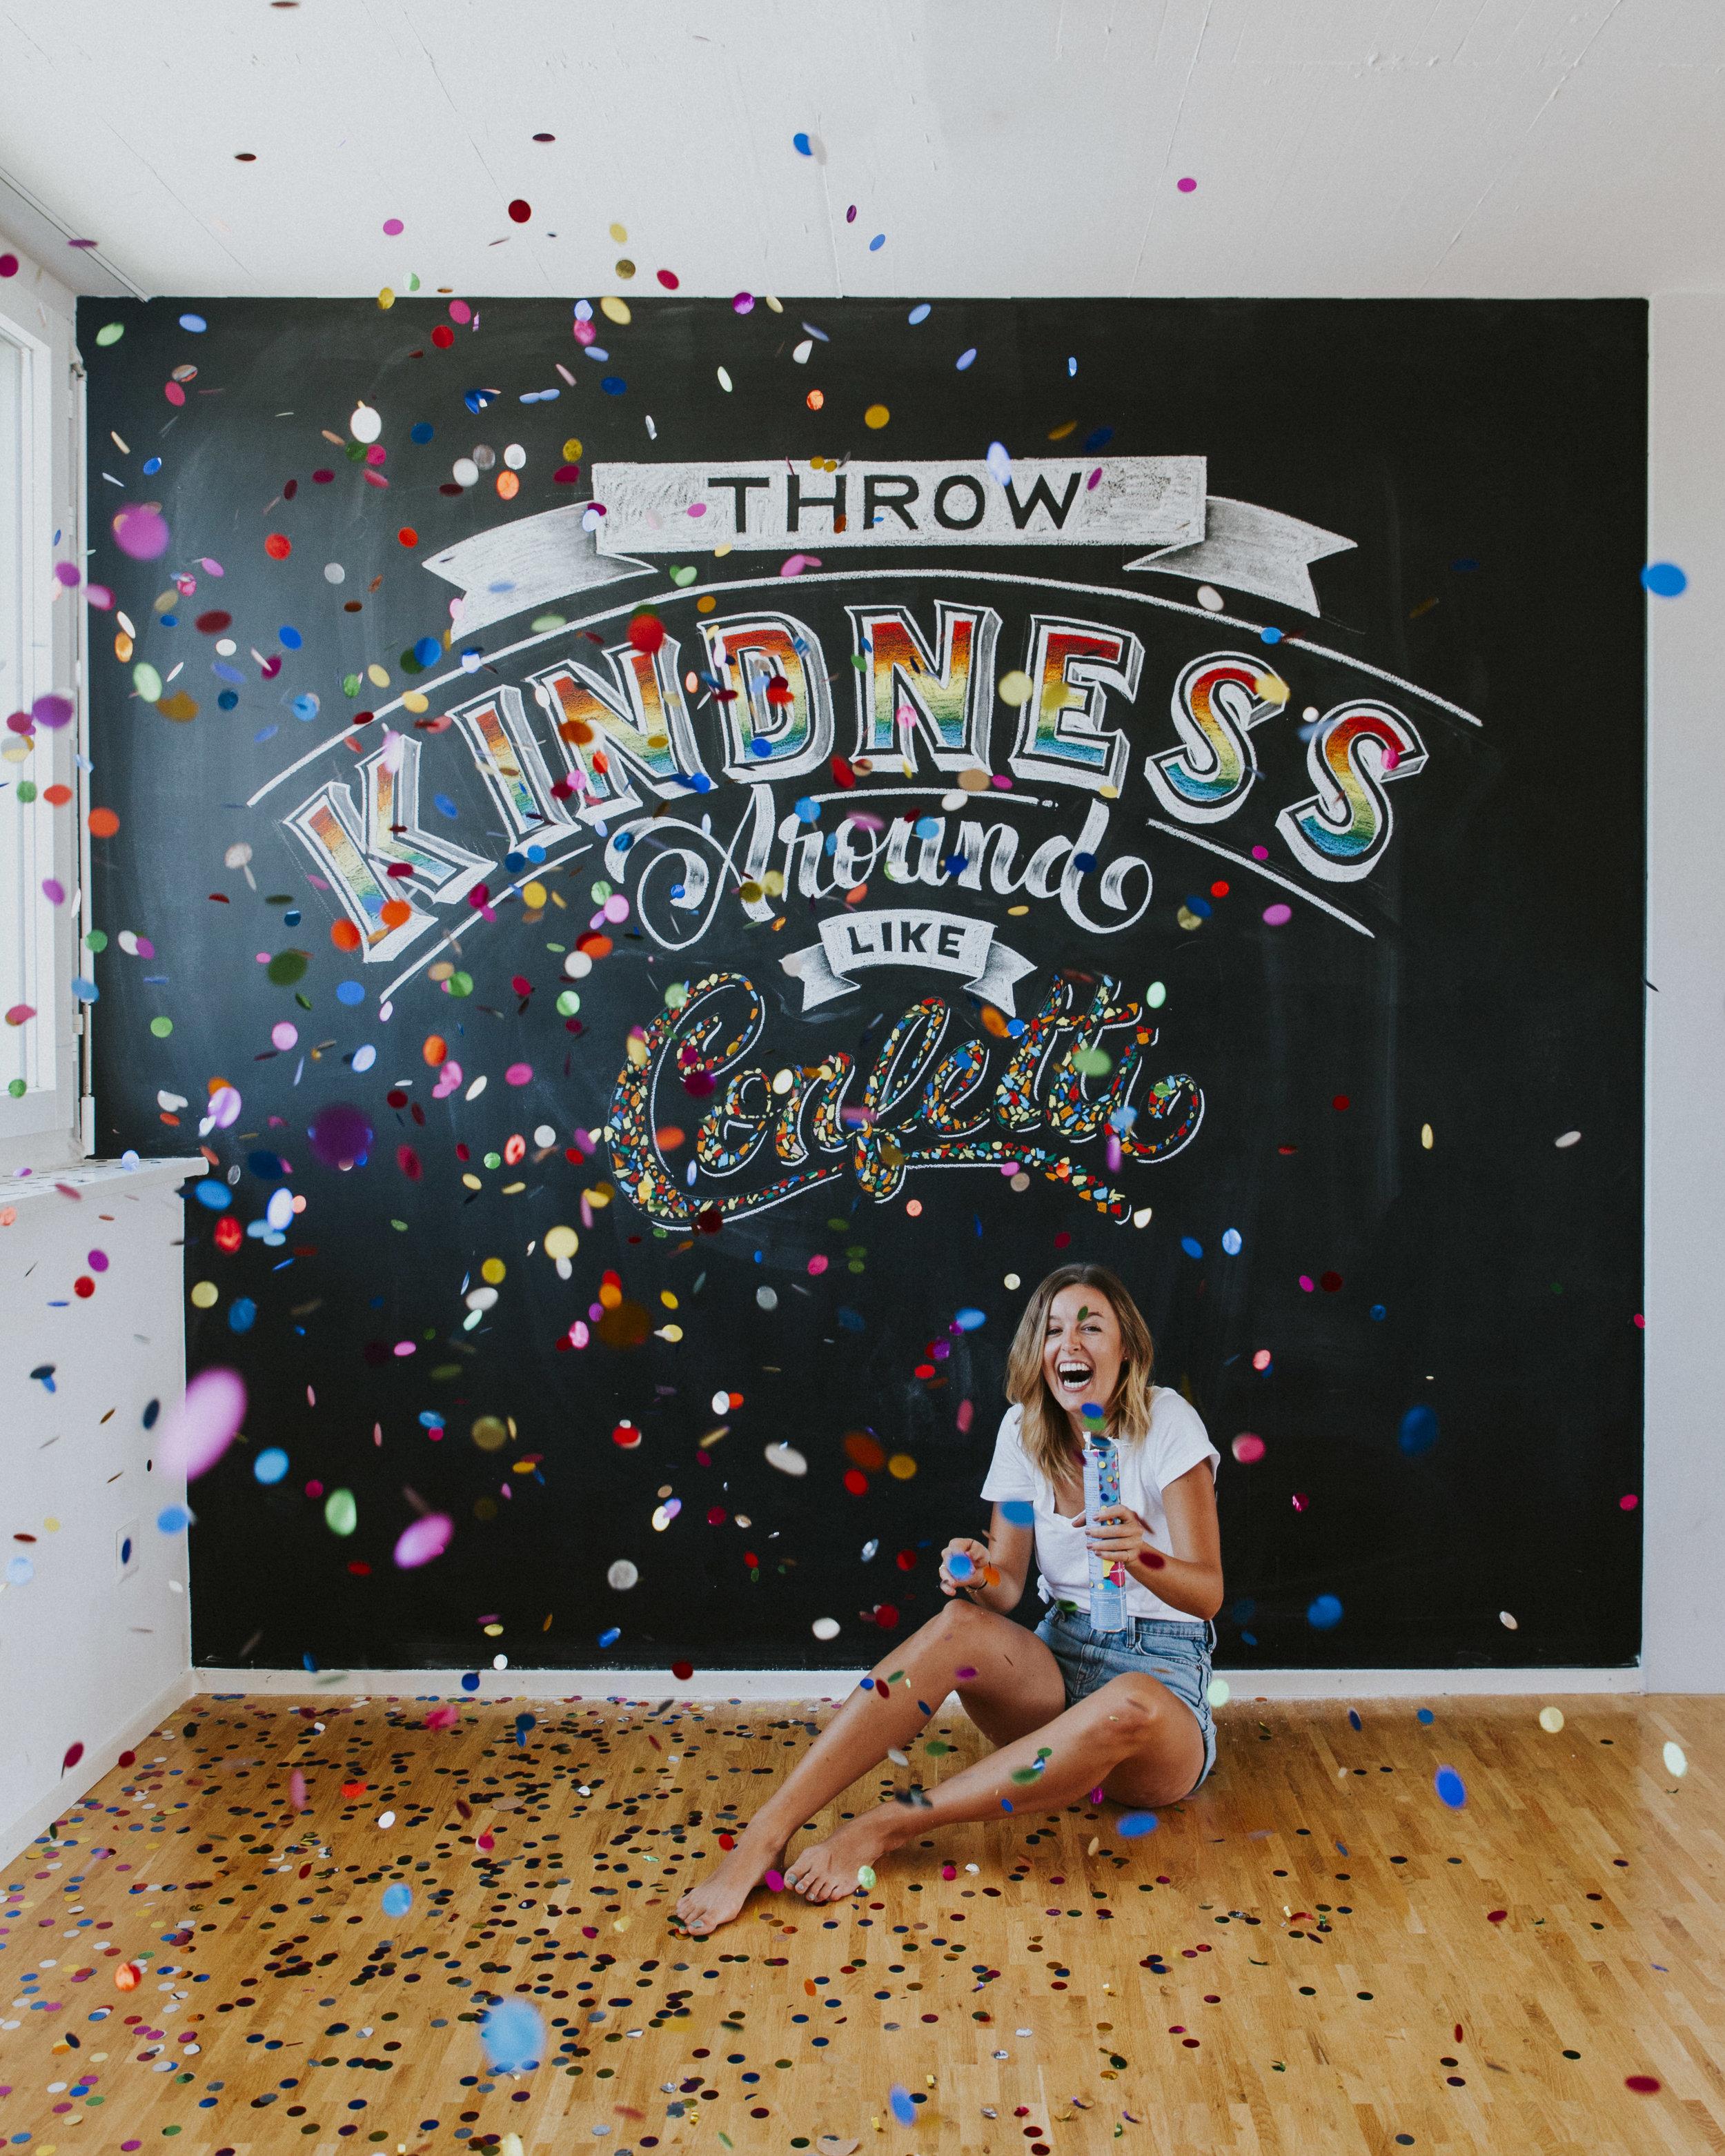 CHALK - Kindness